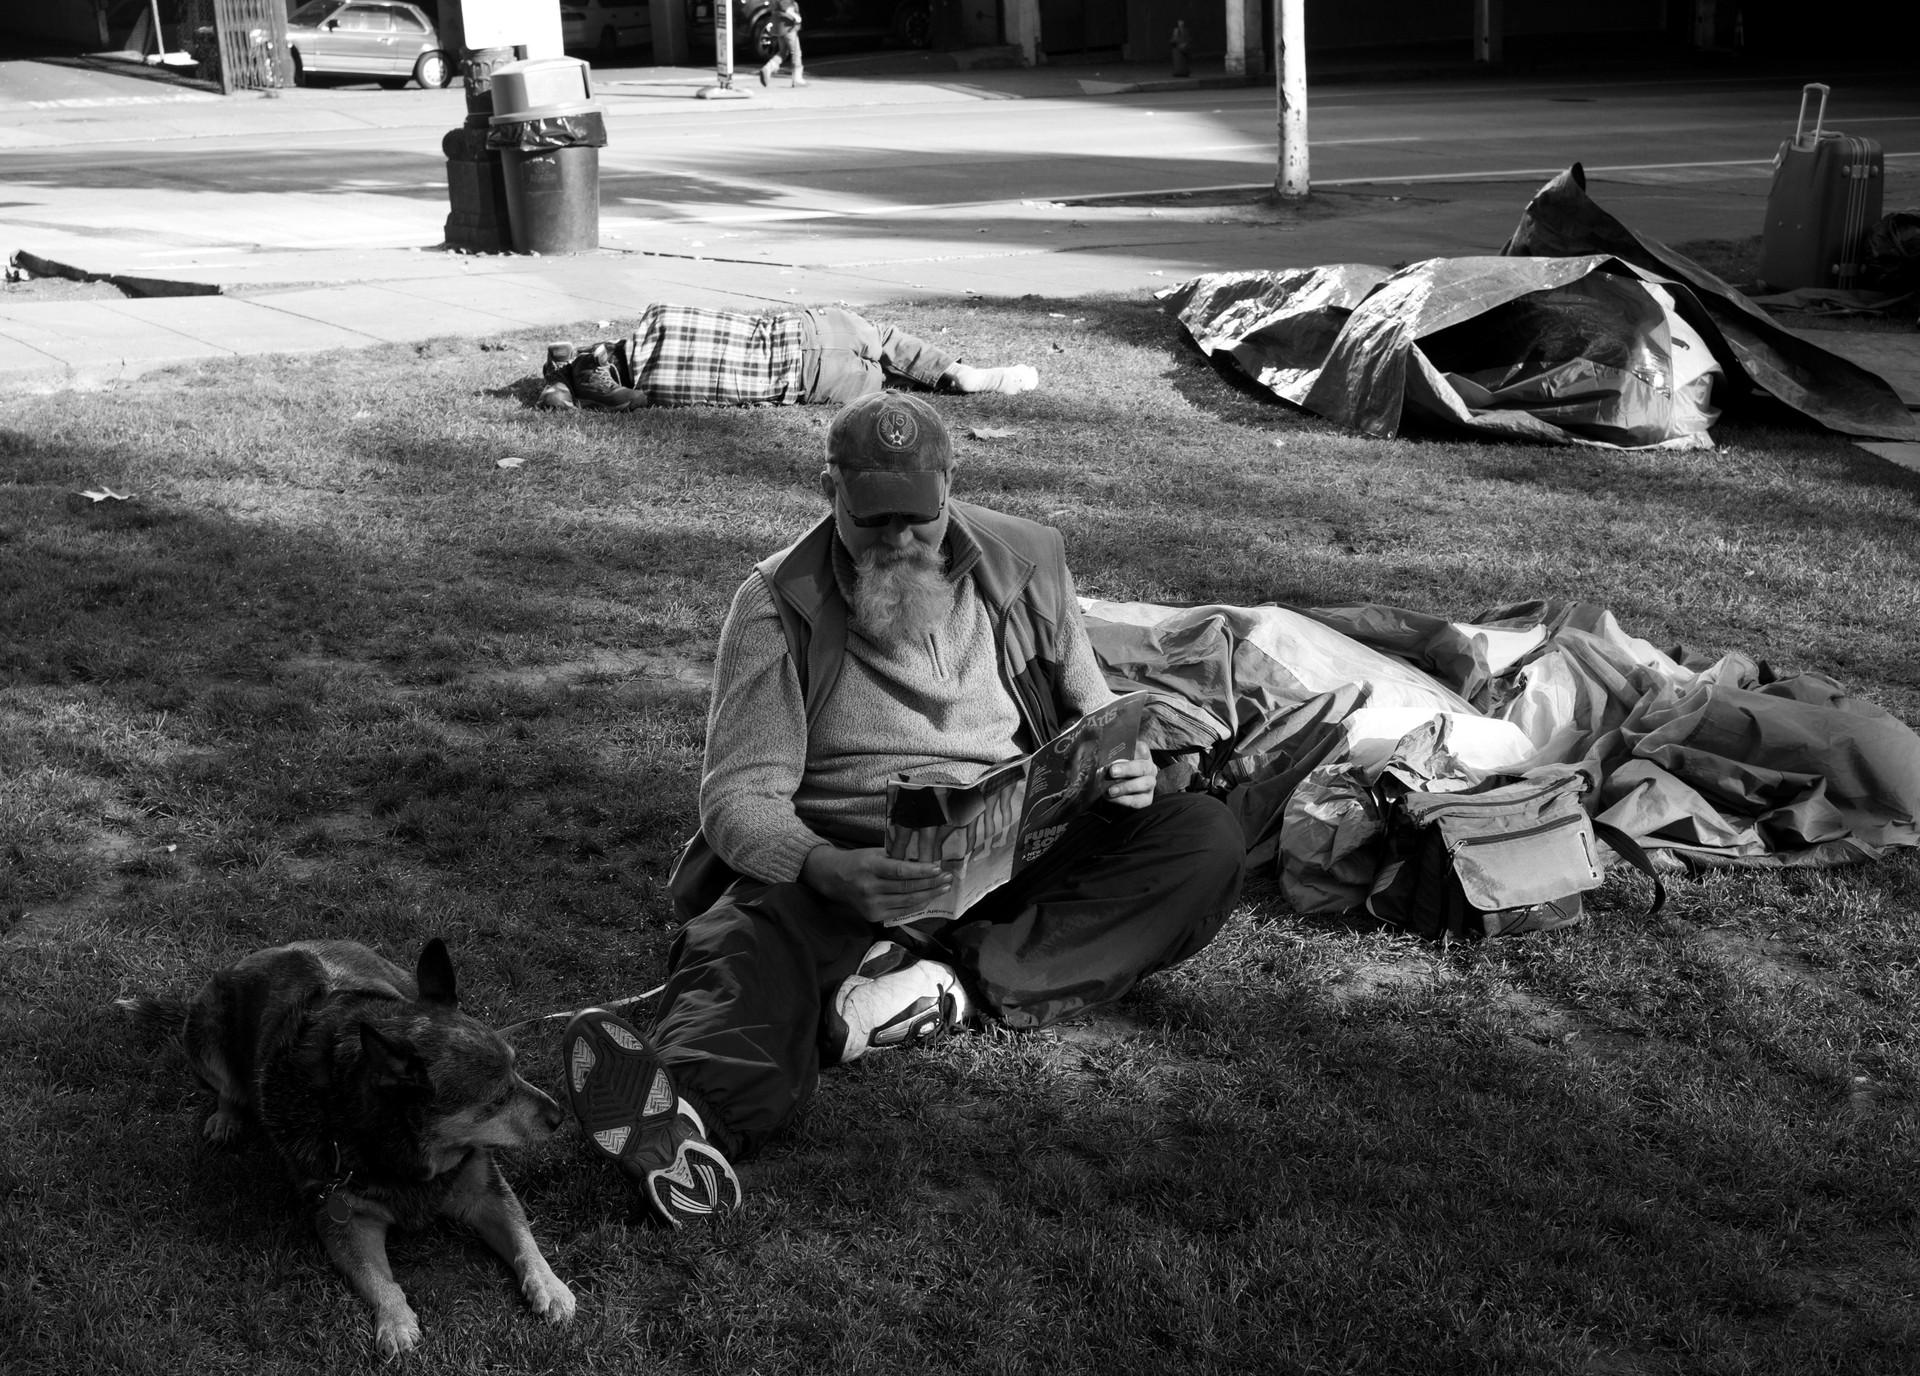 20_Man Reading in City Hall Park.jpg